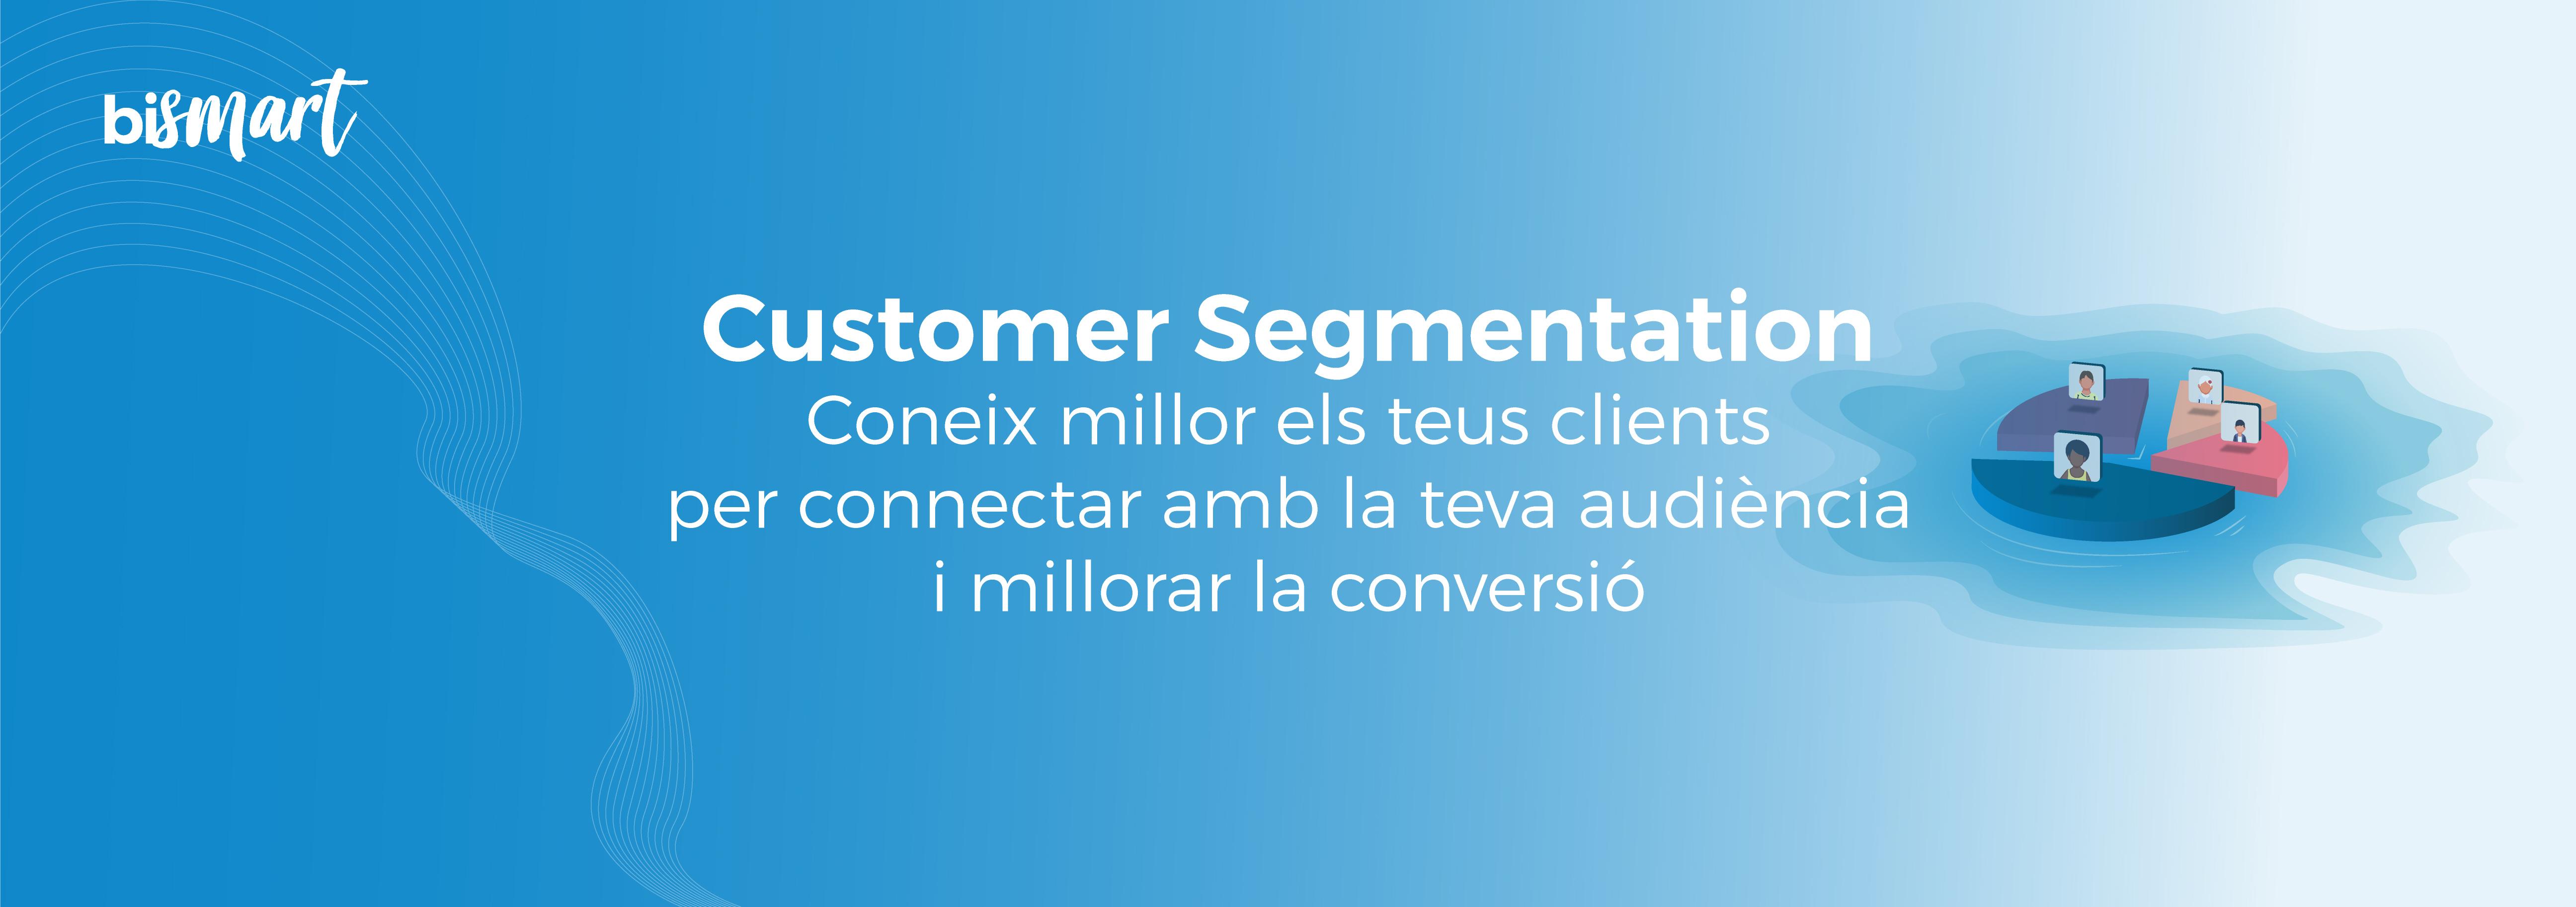 Customar-Segmentation-LandingCA01